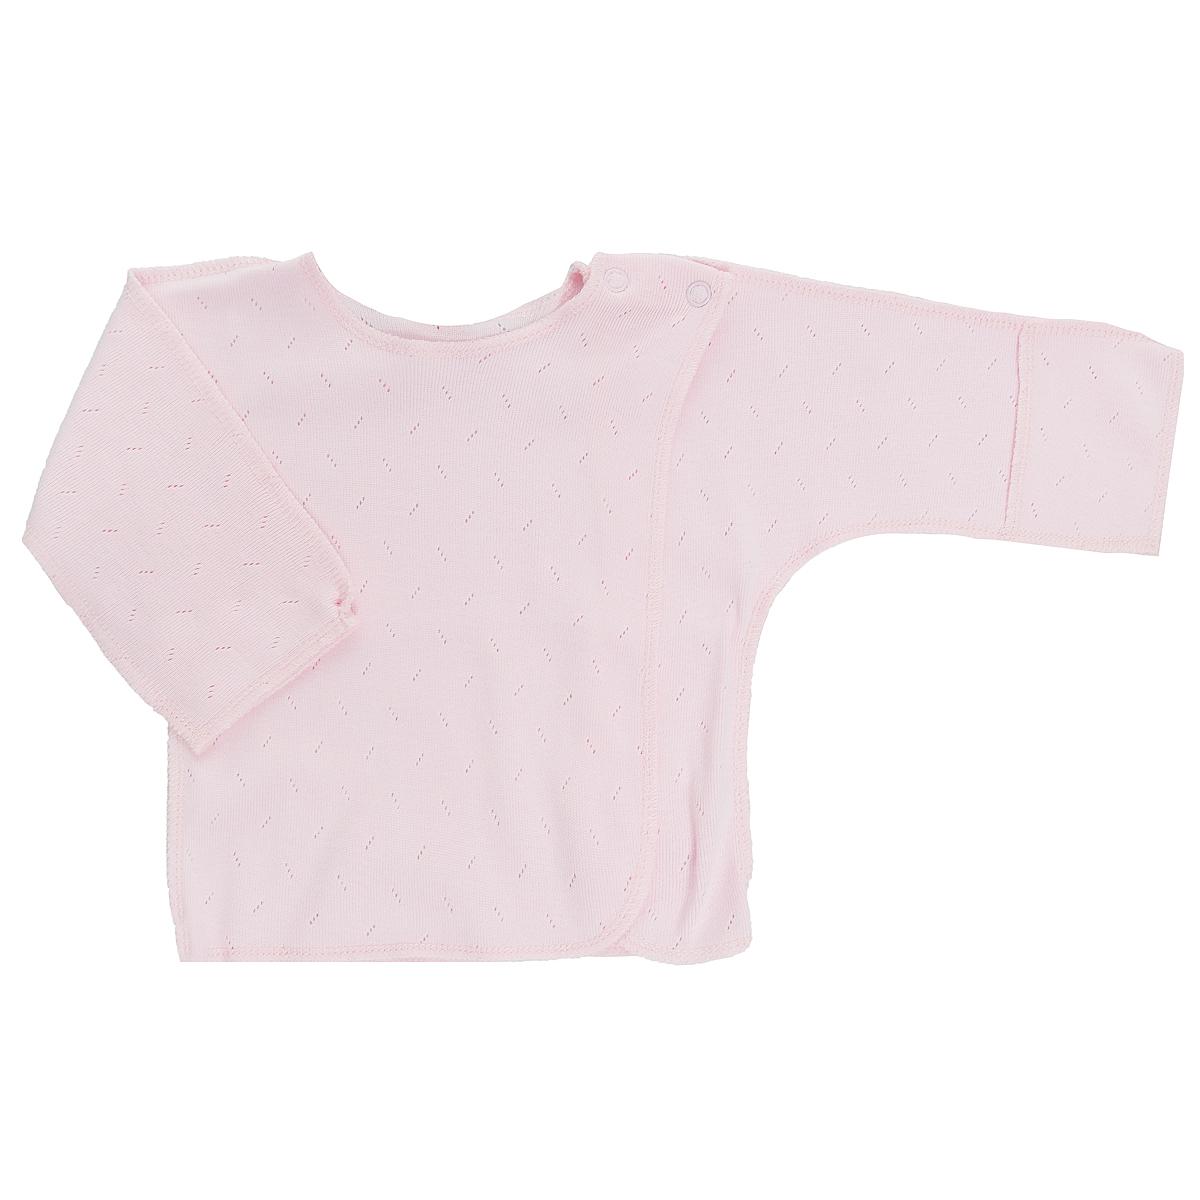 Распашонка0-8Распашонка для новорожденного Lucky Child Ажур с длинными рукавами послужит идеальным дополнением к гардеробу вашего малыша, обеспечивая ему наибольший комфорт. Распашонка изготовлена из натурального хлопка, благодаря чему она необычайно мягкая и легкая, не раздражает нежную кожу ребенка и хорошо вентилируется, а эластичные швы приятны телу малыша и не препятствуют его движениям. Распашонка-кимоно для новорожденного, выполненная швами наружу, и украшенная ажурным узором, имеет кнопки по плечу, которые помогают с легкостью переодеть малыша. А благодаря рукавичкам ребенок не поцарапает себя. Ручки могут быть как открытыми, так и закрытыми. Распашонка полностью соответствует особенностям жизни ребенка в ранний период, не стесняя и не ограничивая его в движениях. В ней ваш малыш всегда будет в центре внимания.